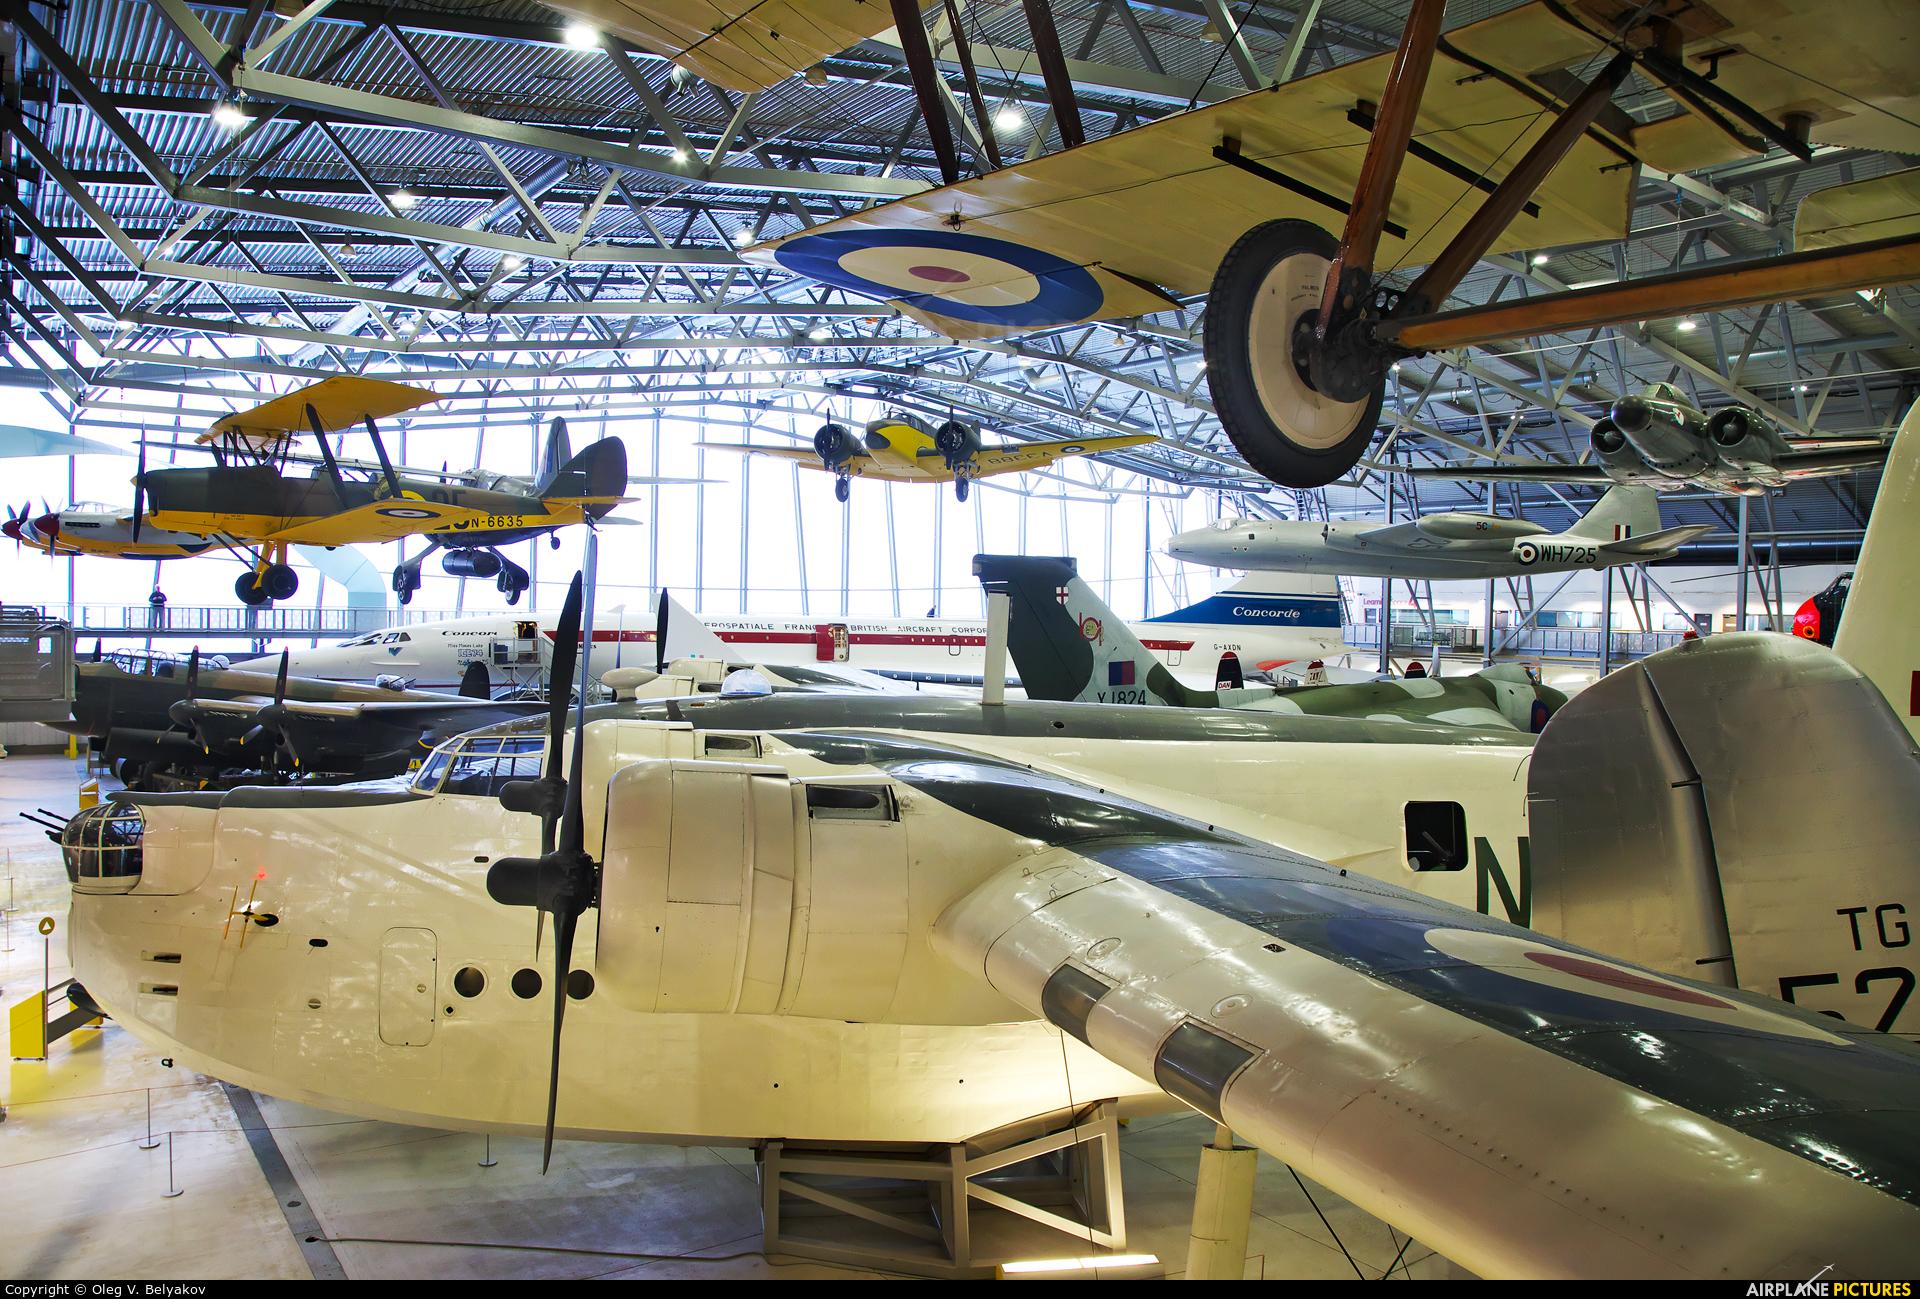 Royal Air Force ML796 aircraft at Duxford